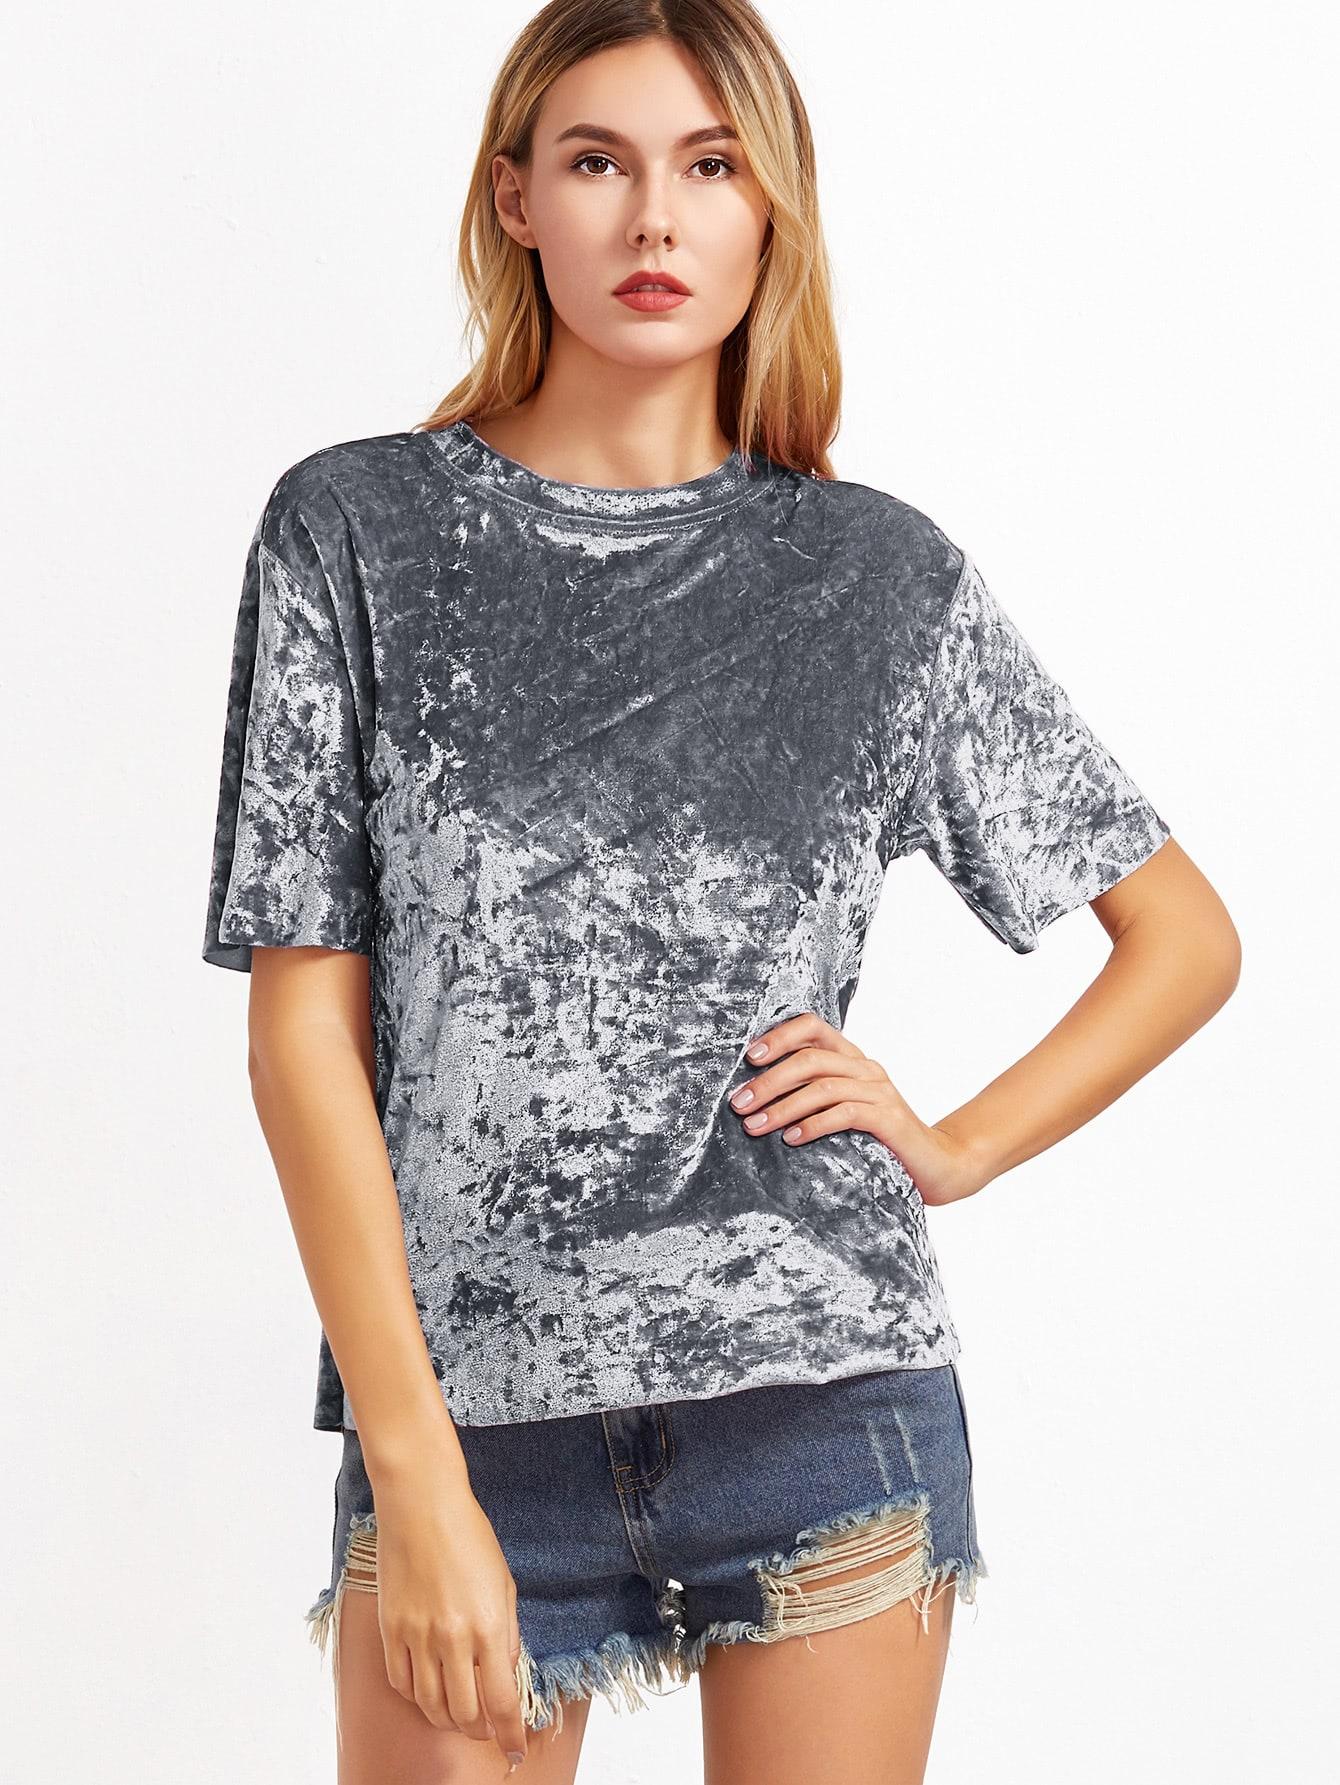 Crushed Velvet T-shirt